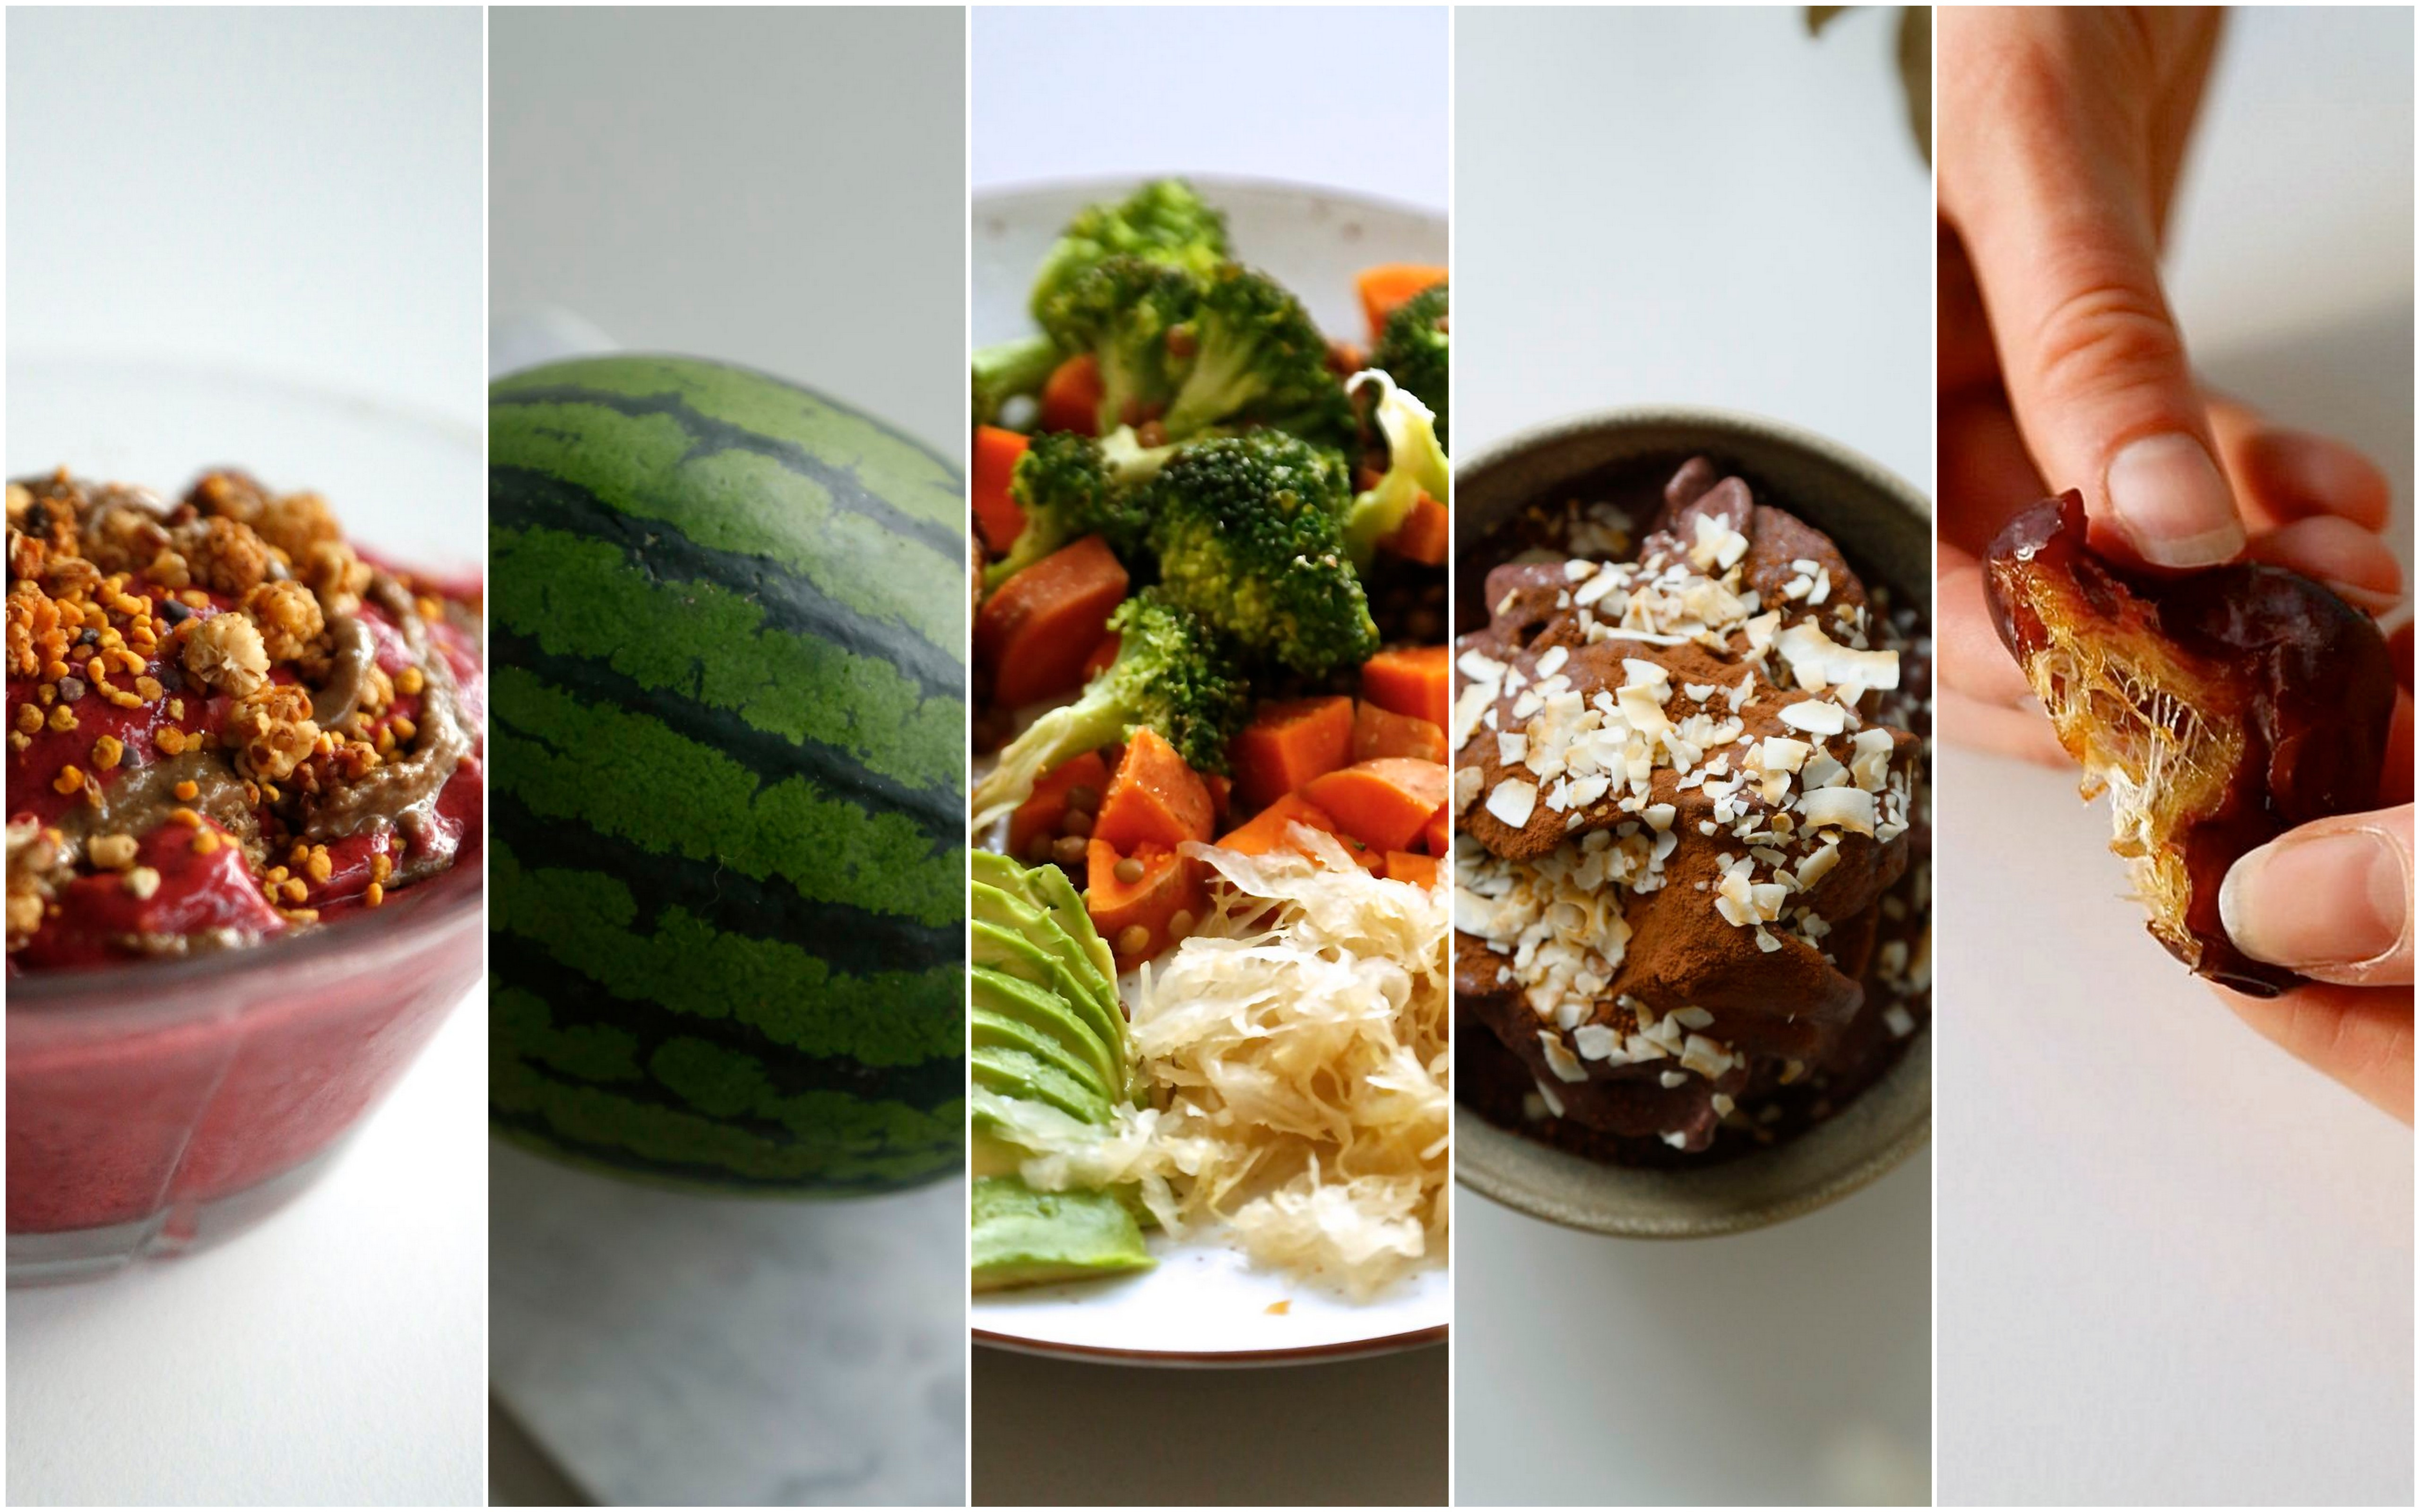 En dag i mad #2